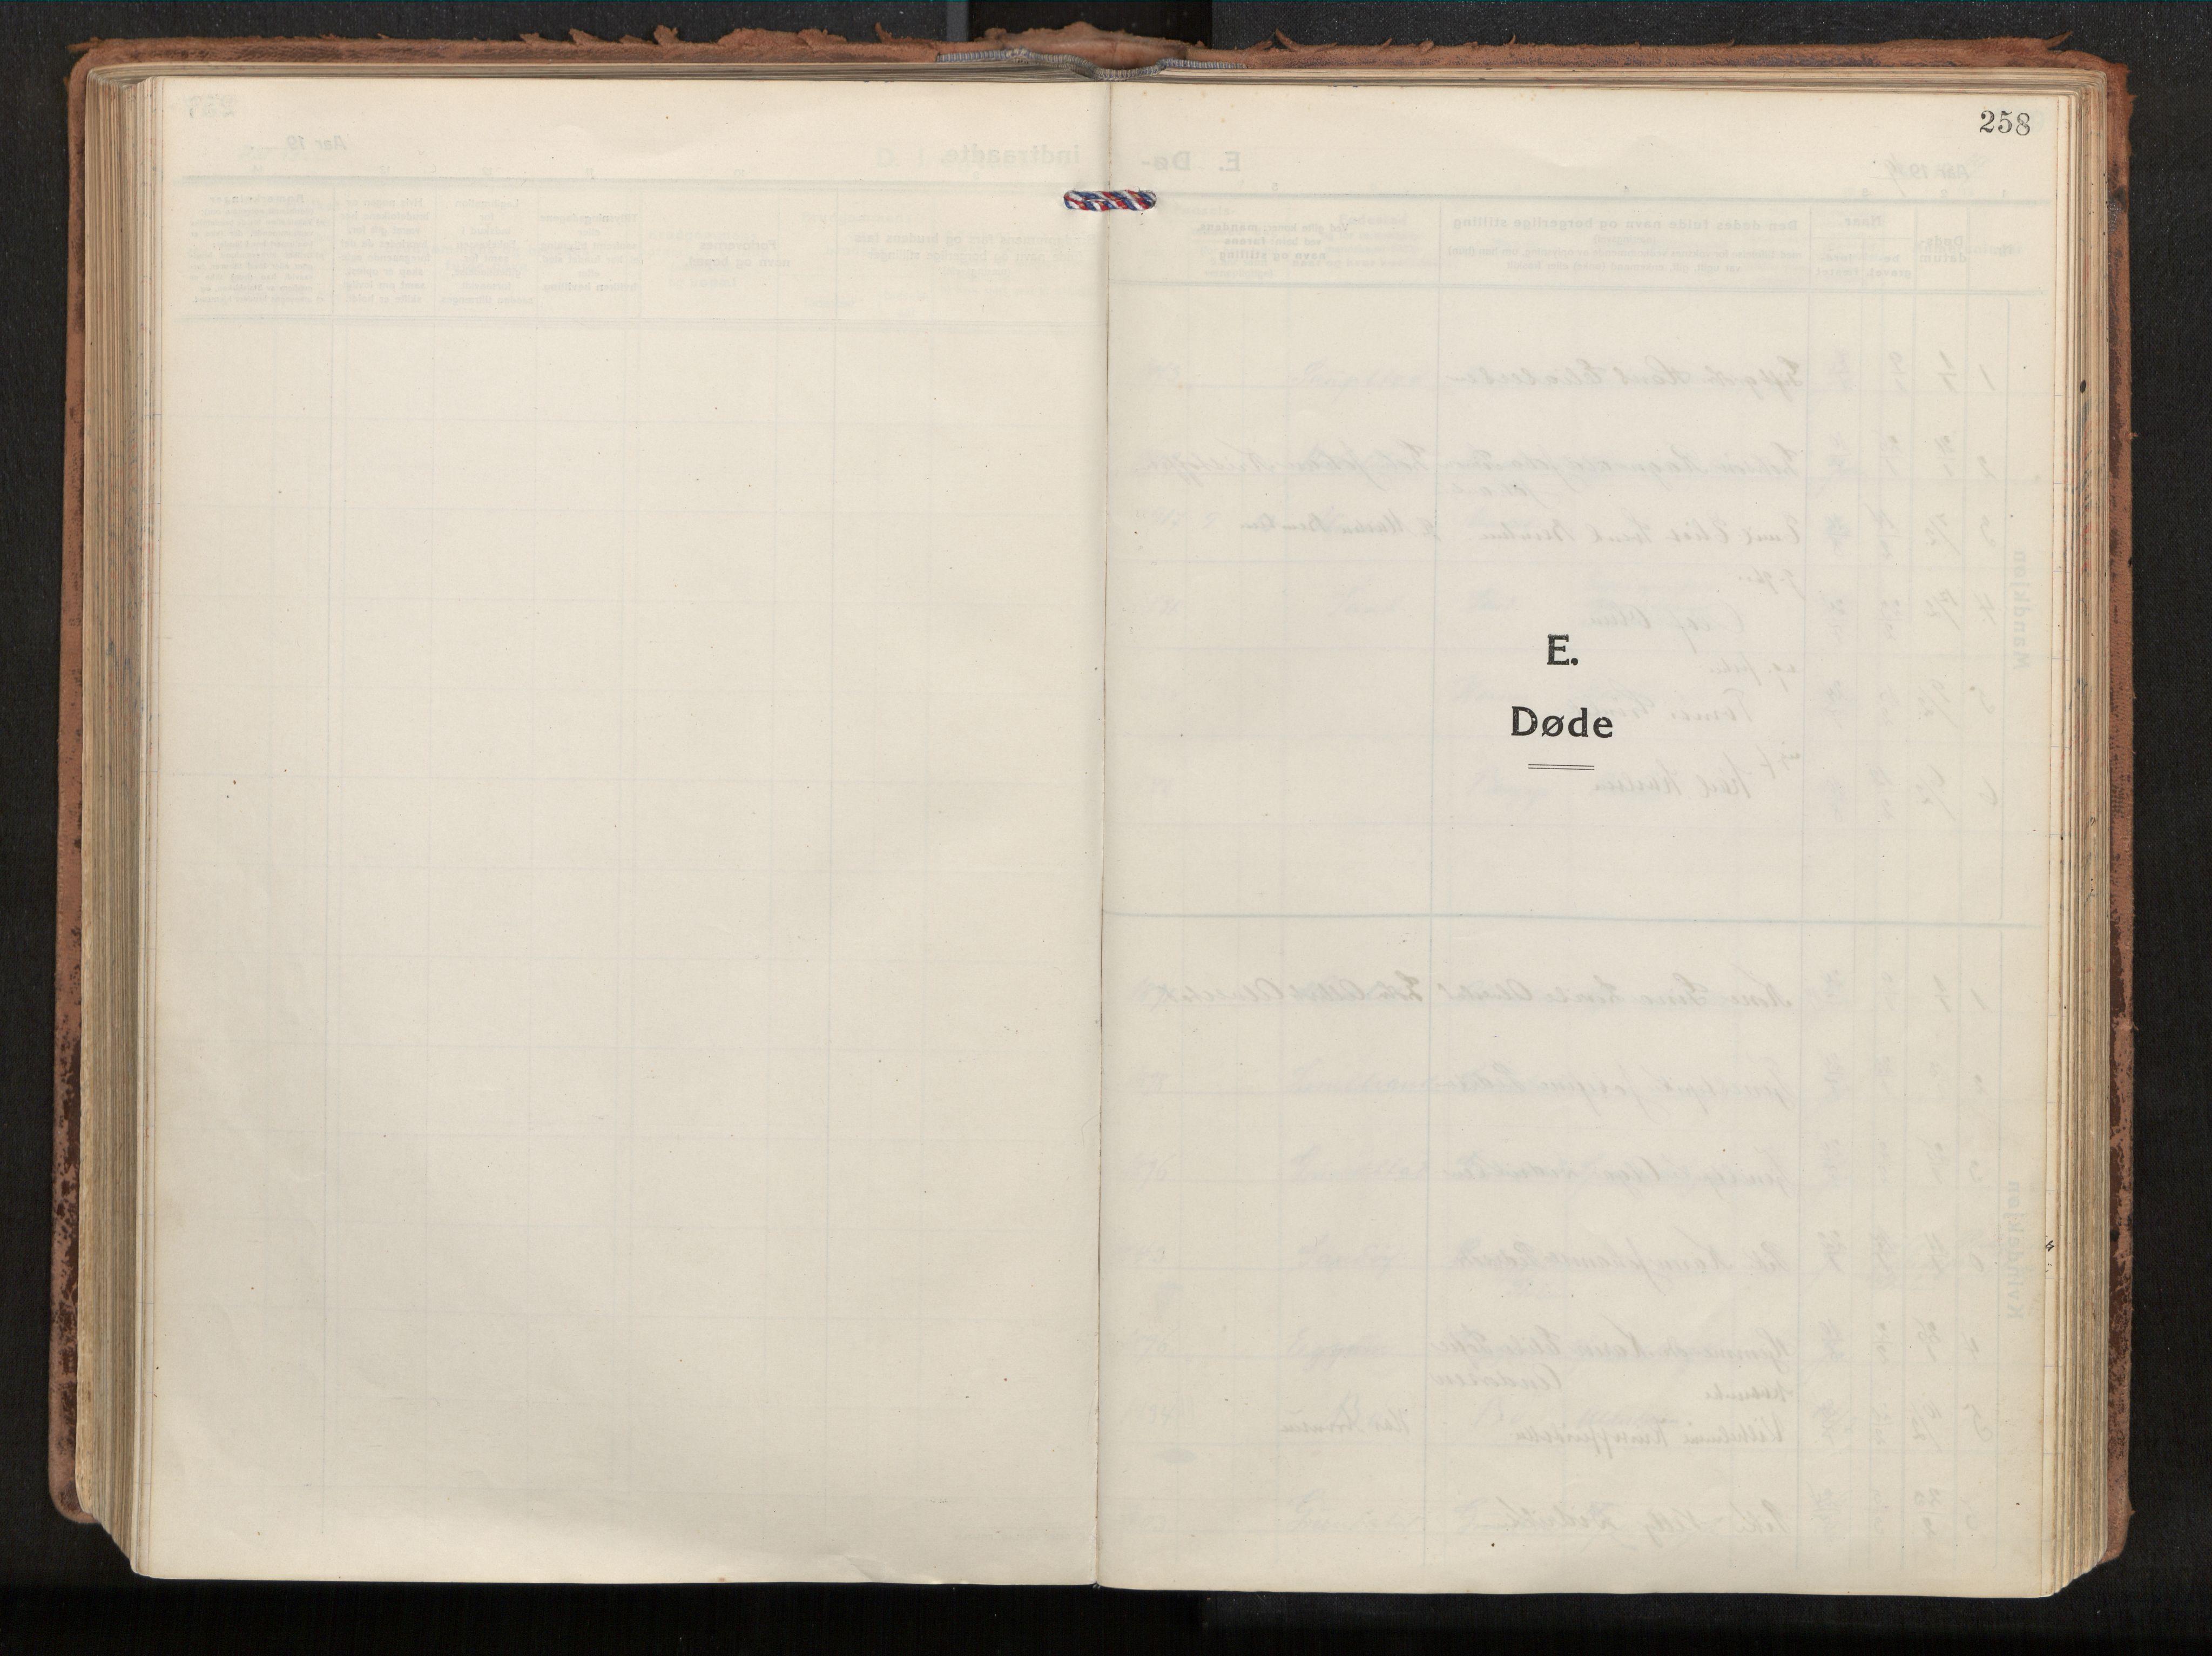 SAT, Ministerialprotokoller, klokkerbøker og fødselsregistre - Nordland, 880/L1136: Parish register (official) no. 880A10, 1919-1927, p. 258